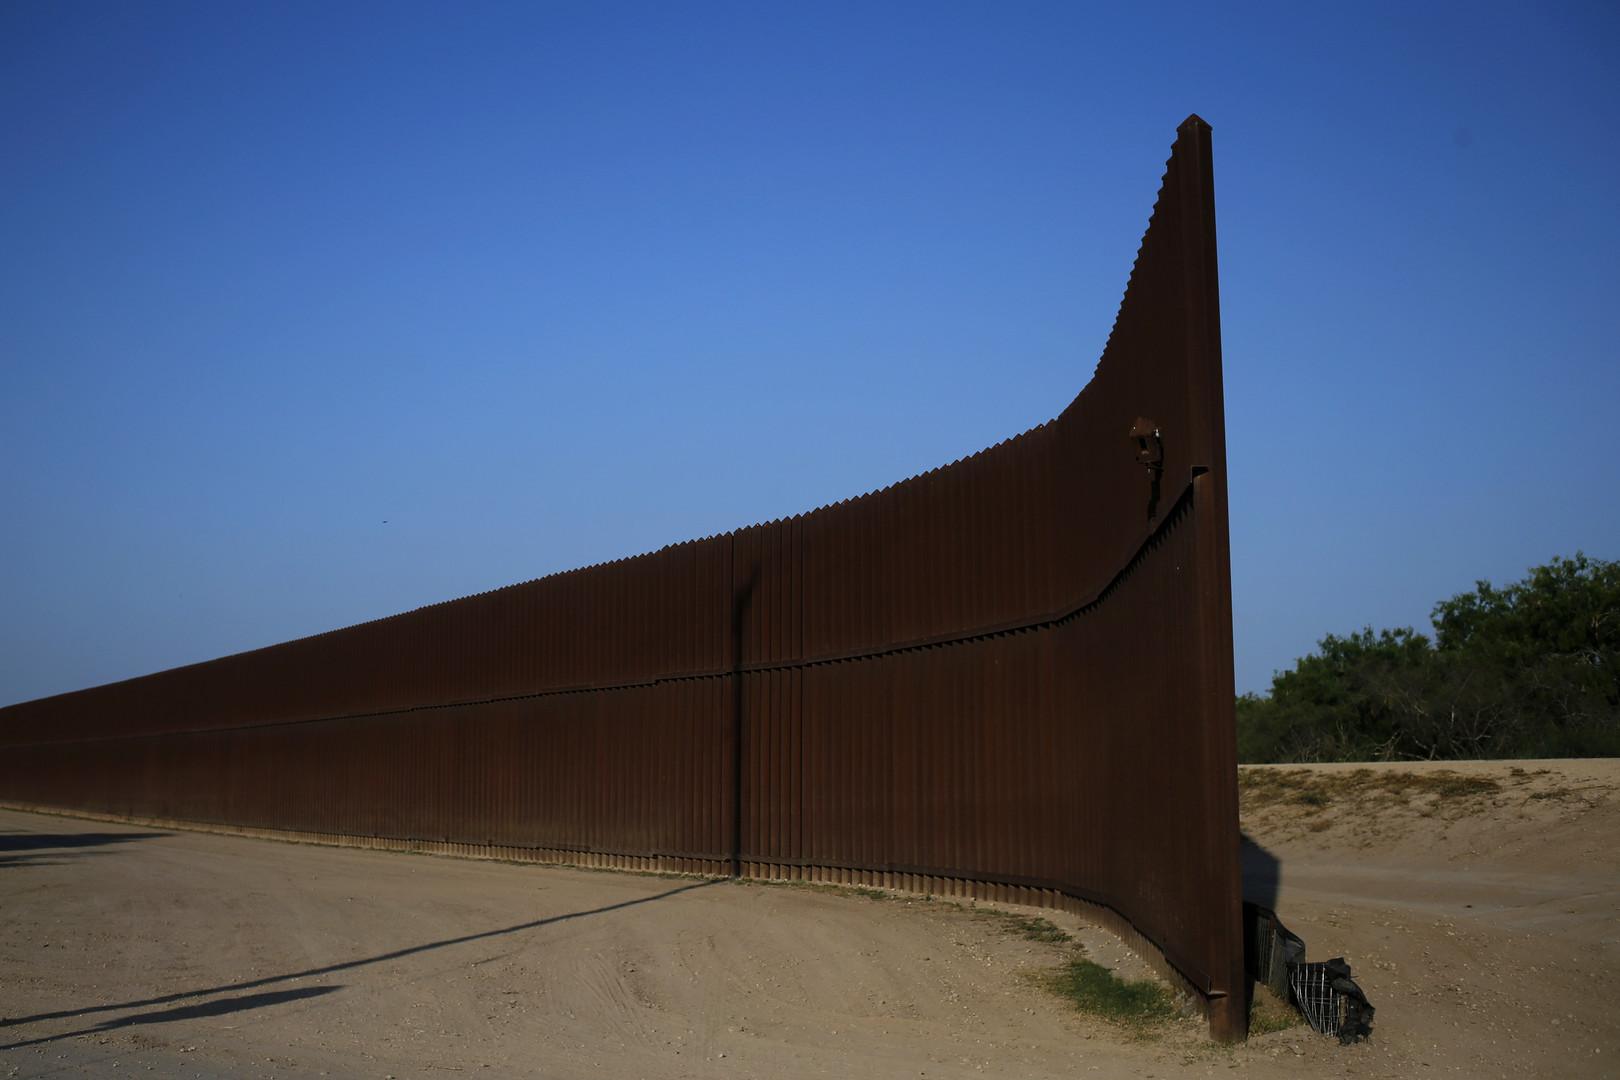 Eine Lücke im US-Schutzwall im Bundesstaat Texas an der Grenze zu Mexiko